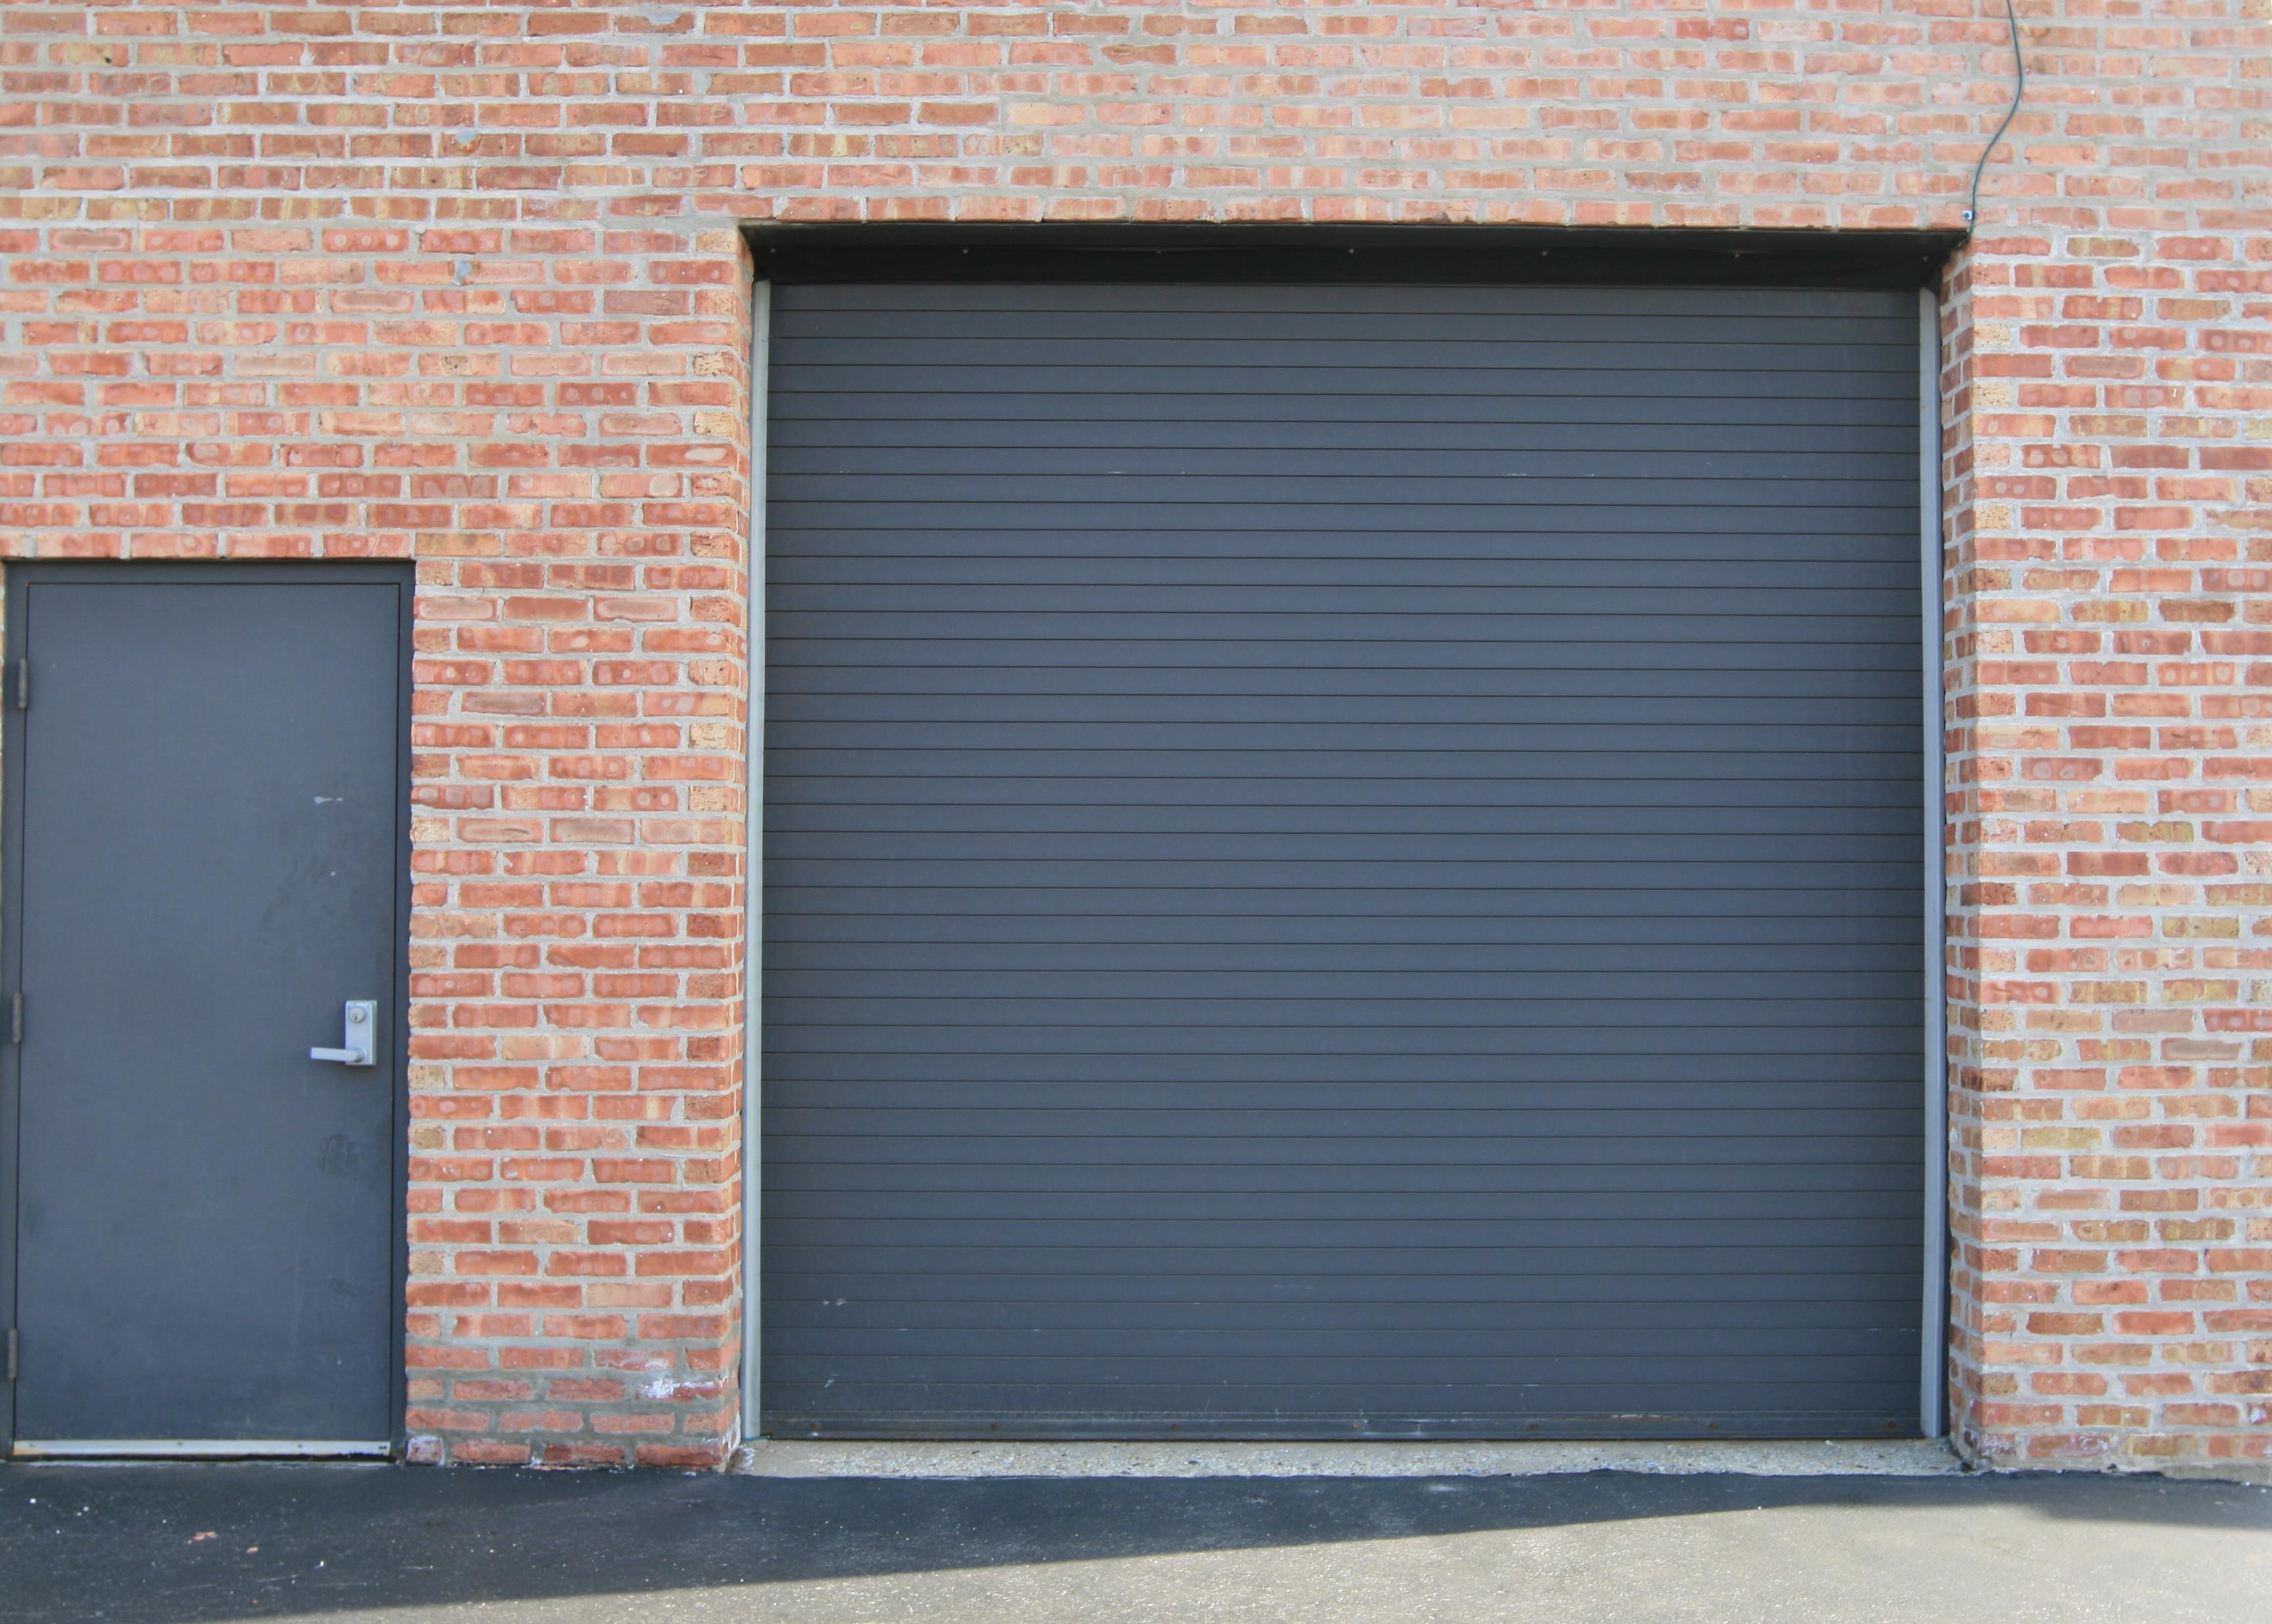 Coil door model 625s for 12x12 overhead garage door